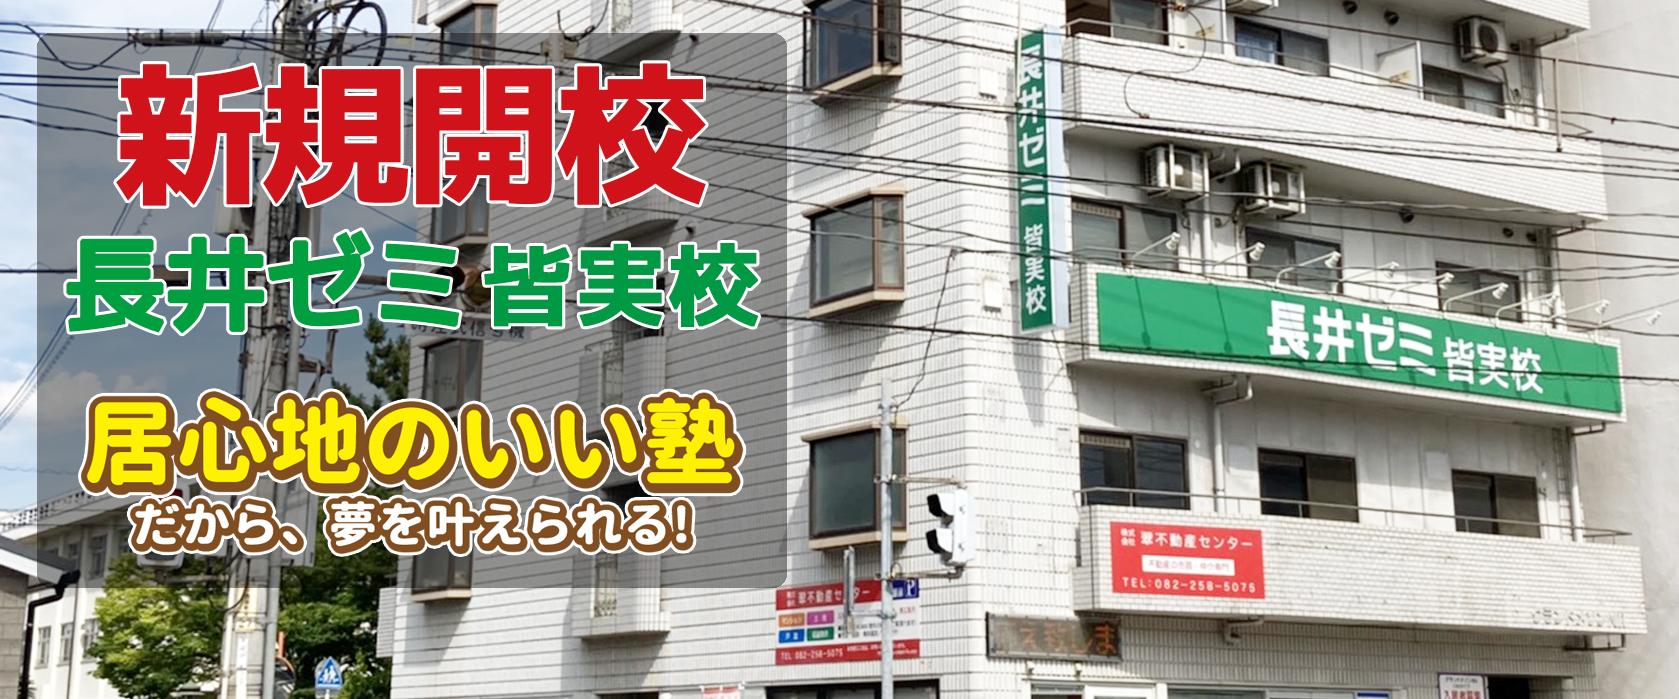 長井ゼミ 皆実校 新規開校